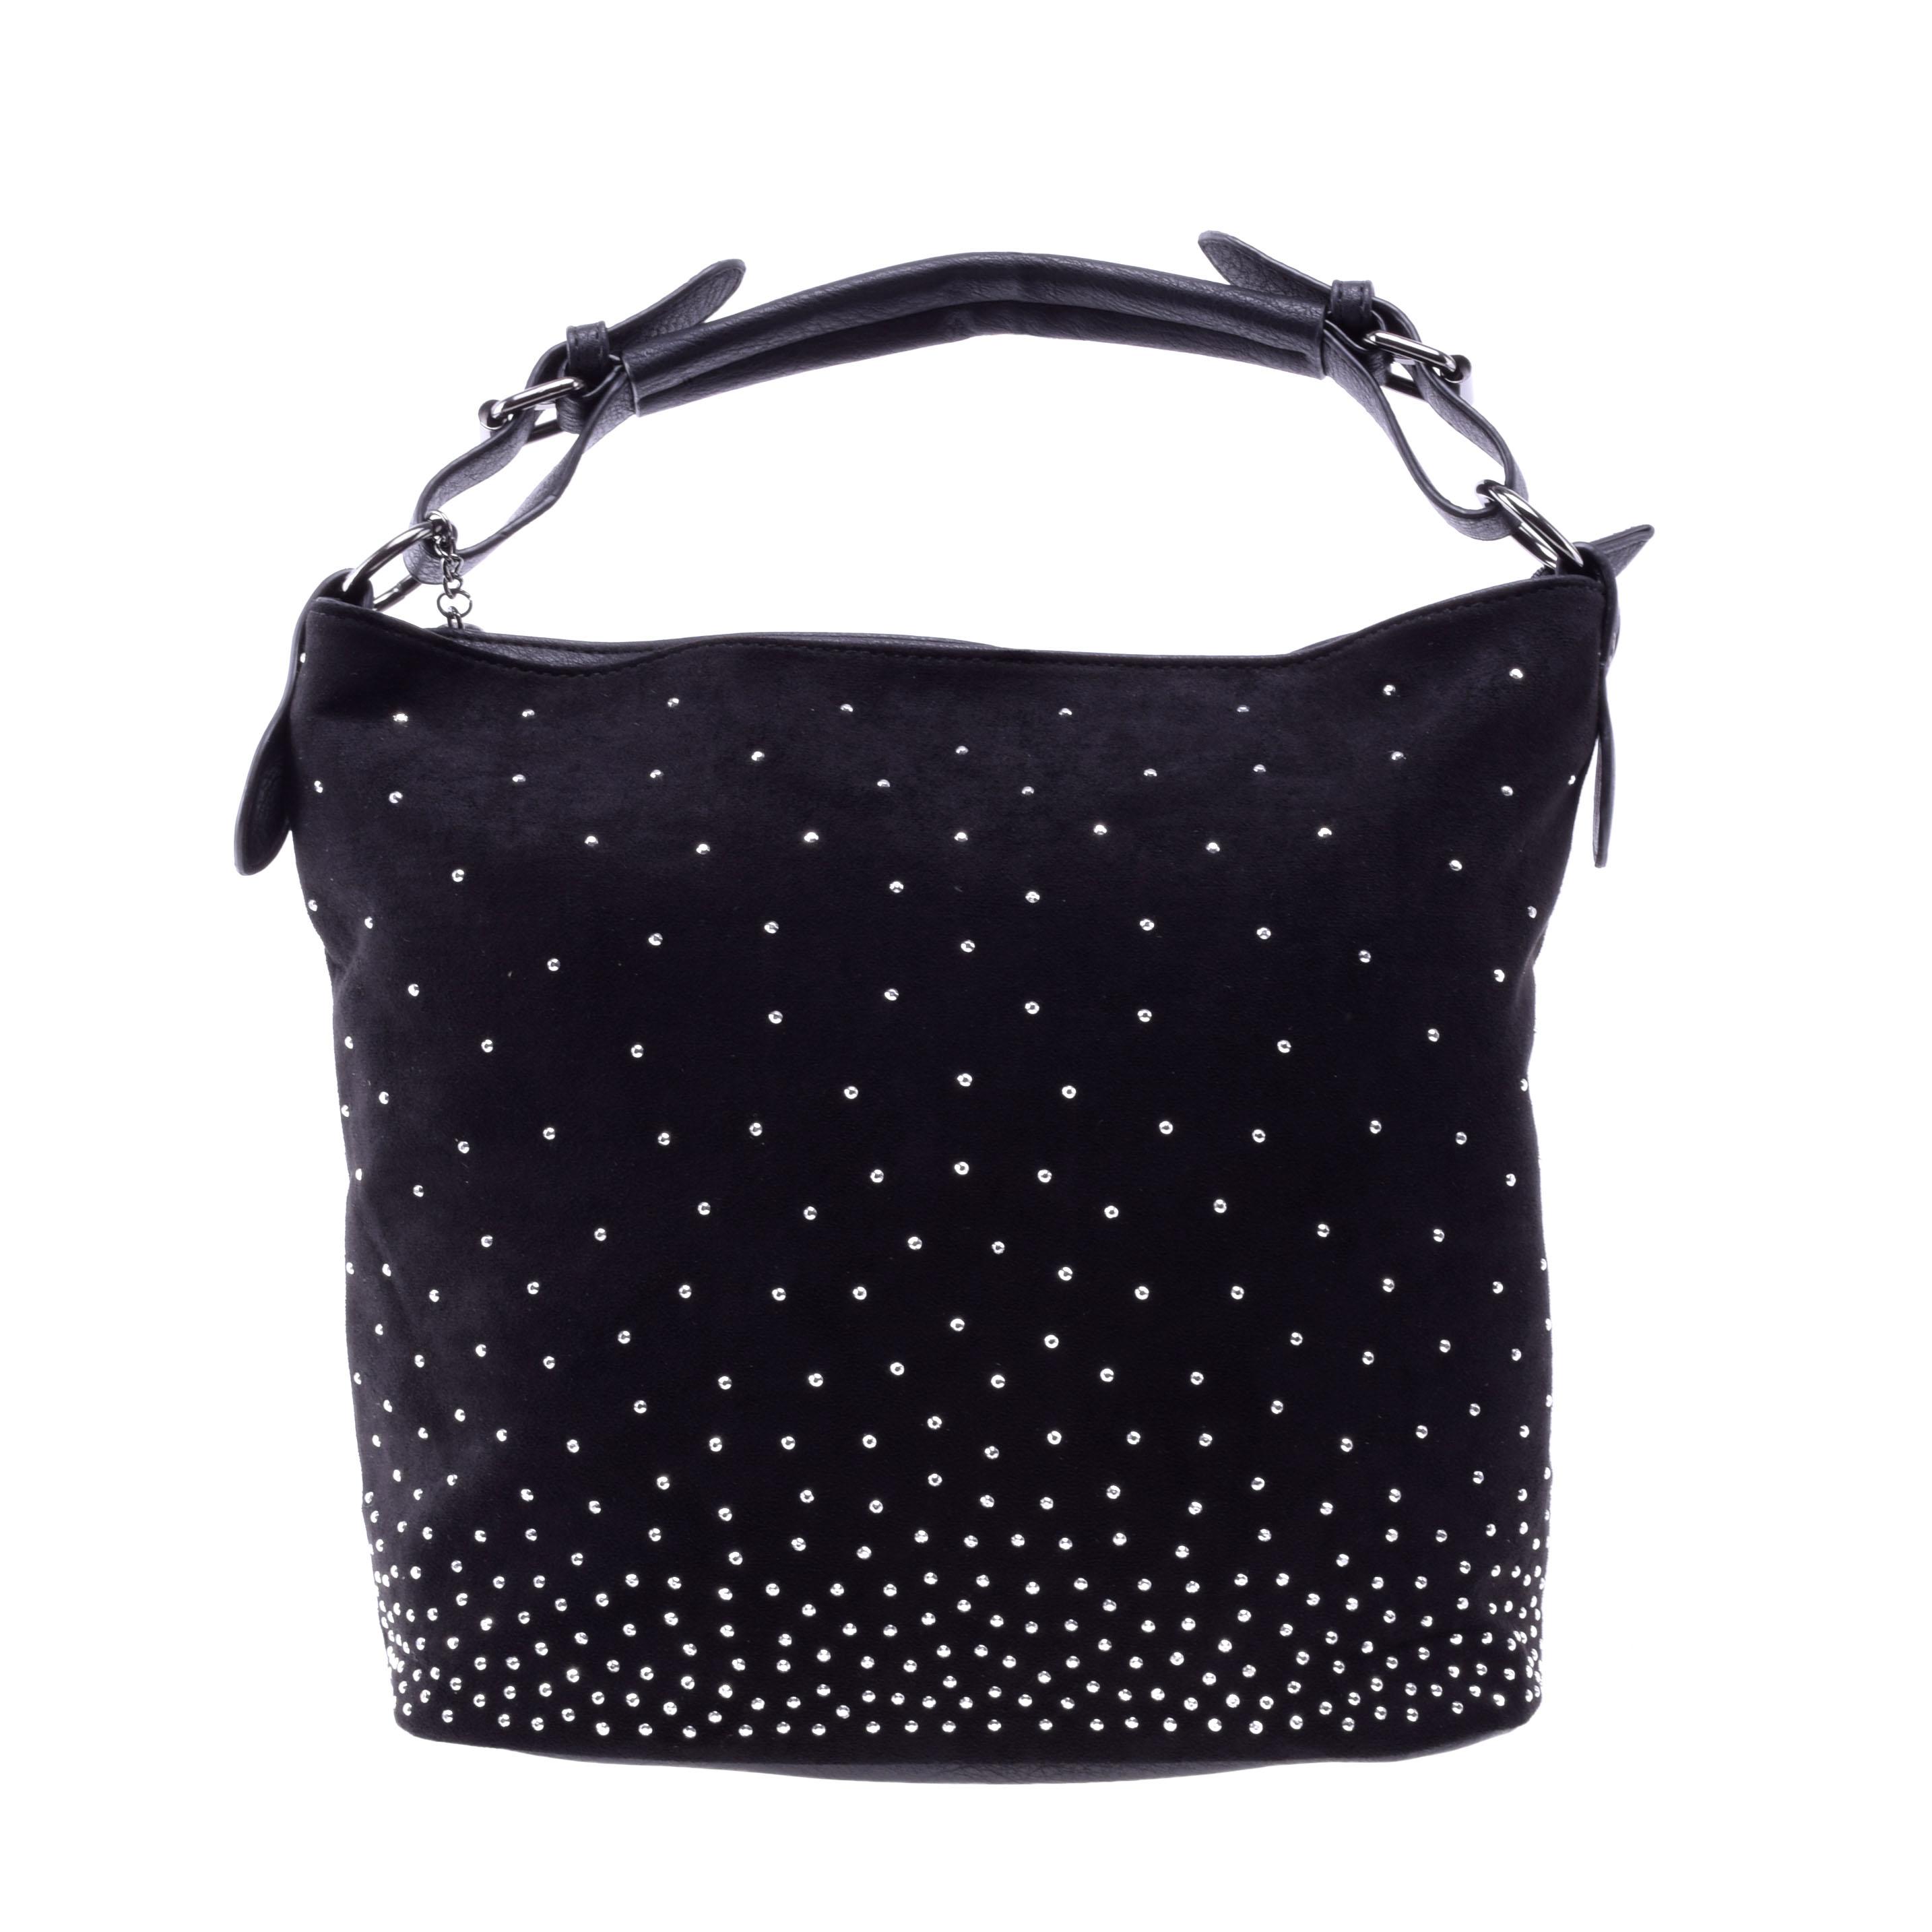 Női Fekete Művelúr Válltáska - Válltáskák - Táska webáruház - Minőségi  táskák mindenkinek f28449e904